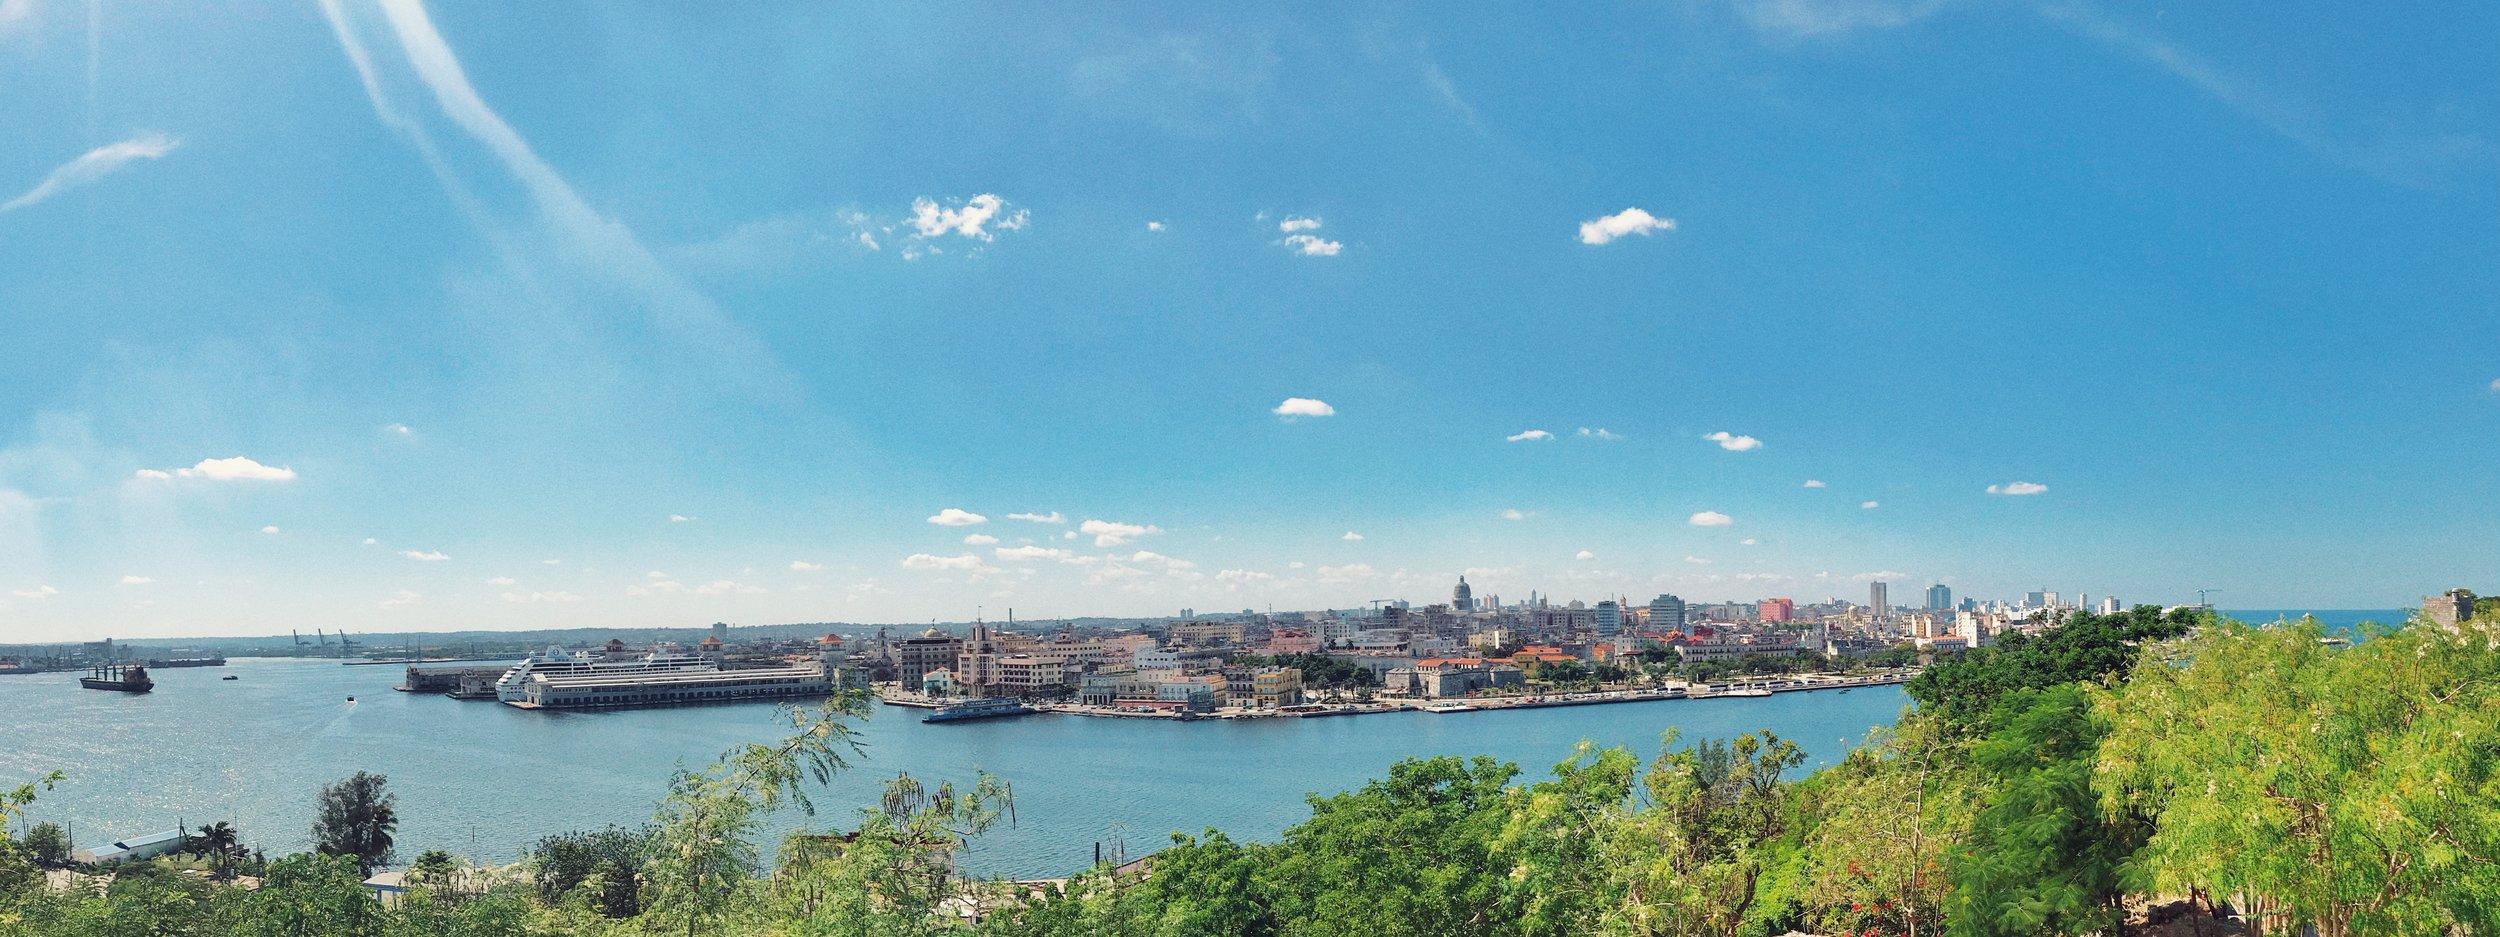 View of Old Havana from Regla